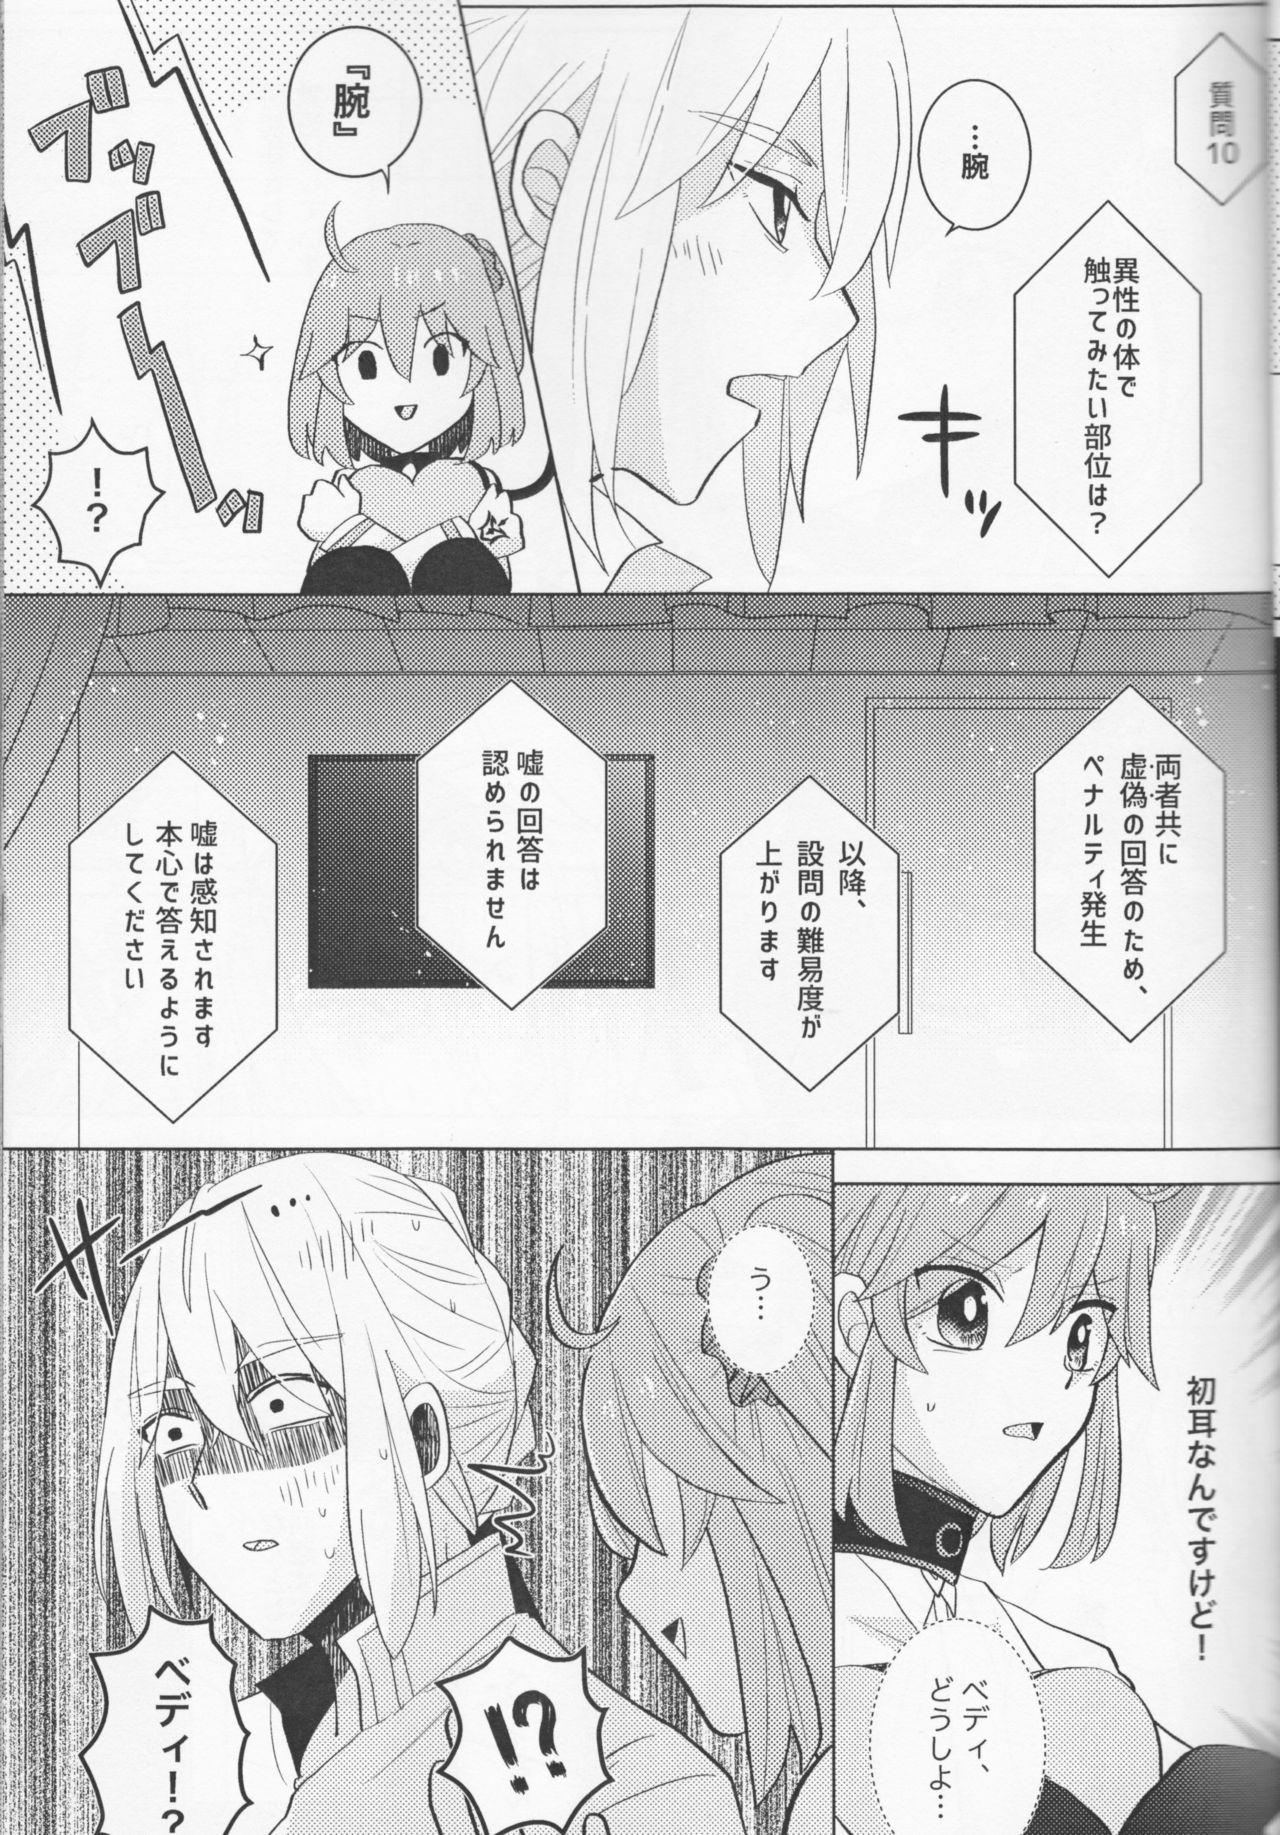 Kirakira Koboreru, Kimi to no Waidan 16